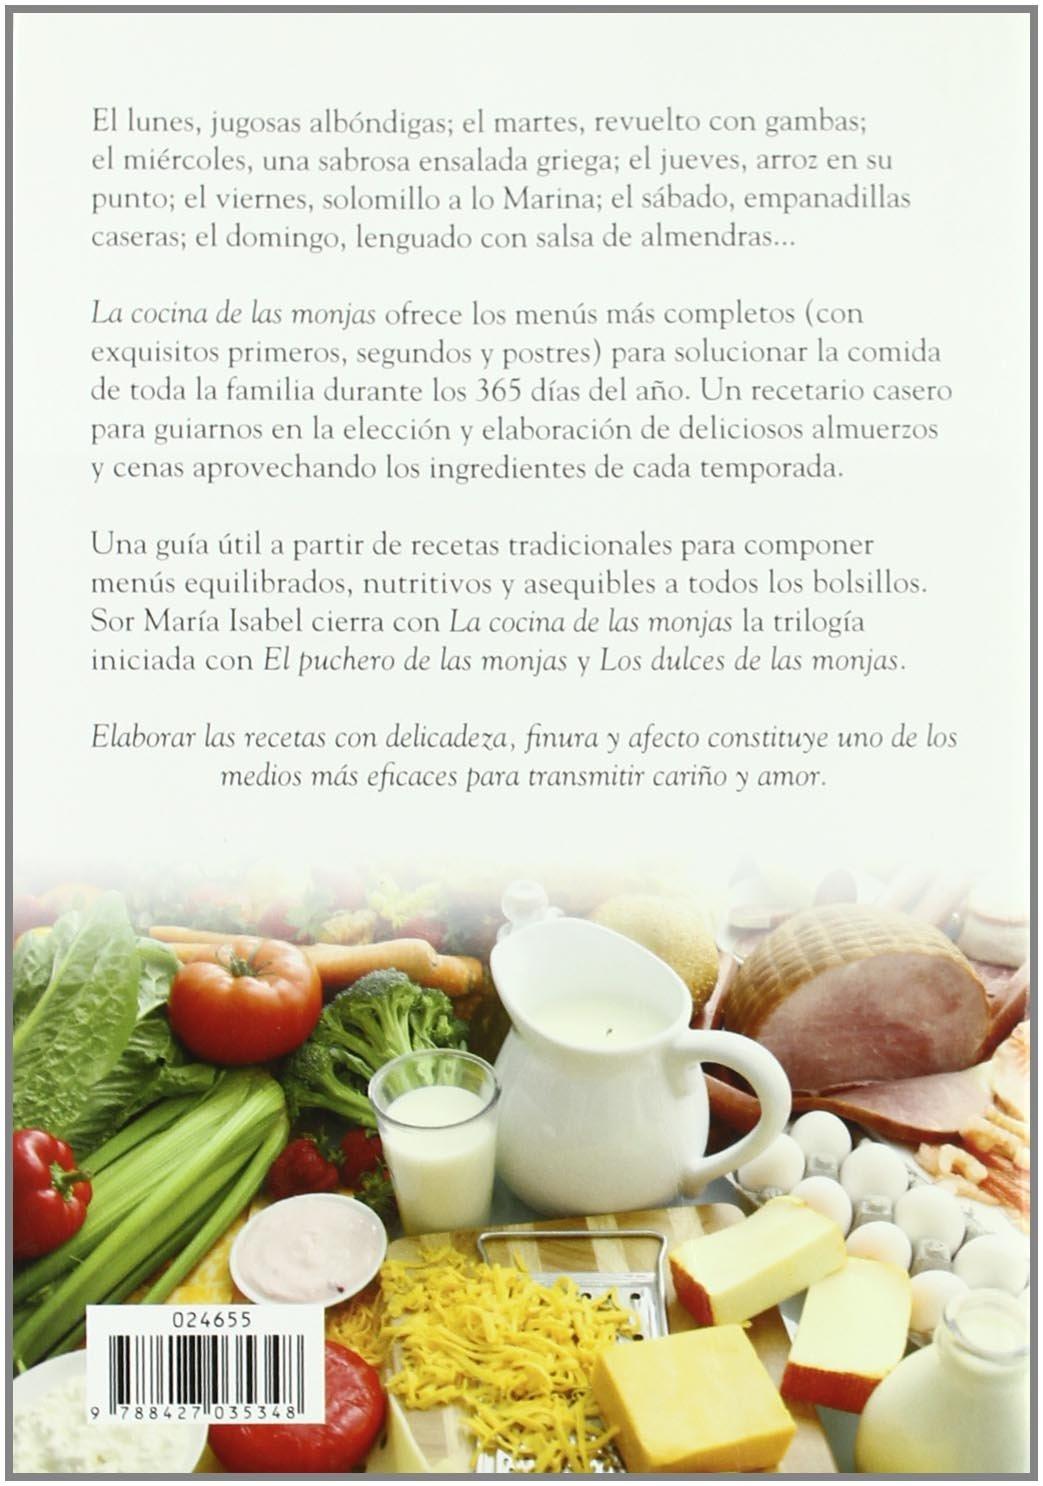 La cocina de las monjas : 365 menús sencillos y sanos para toda la familia: Sor María Isabel Lora: 9788427035348: Amazon.com: Books